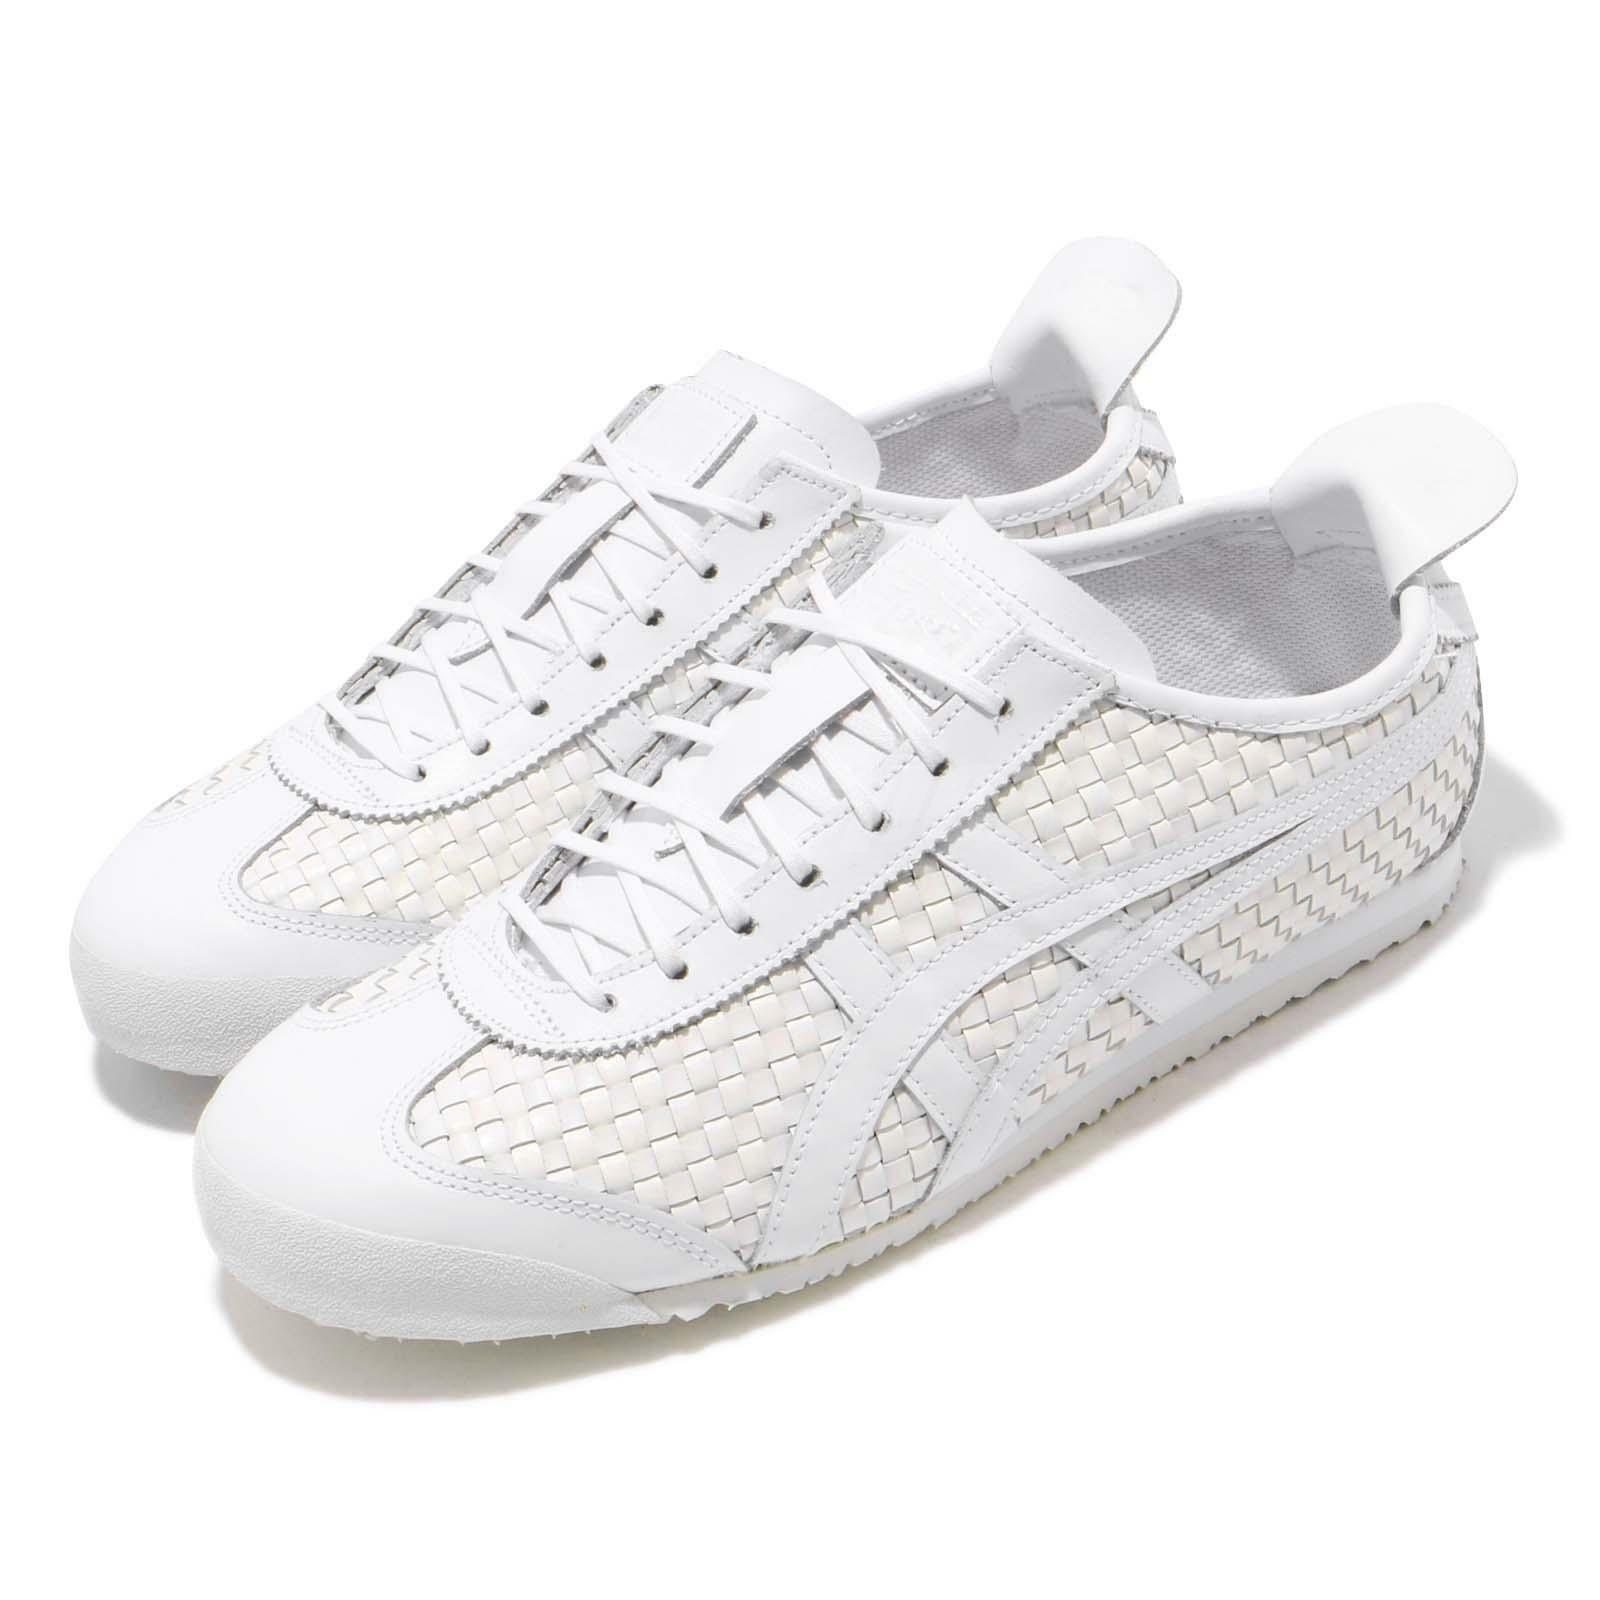 Asics Onitsuka Tiger Mexico 66 Blanc Hommes Femmes Chaussures De Course paniers D6M4L-0101